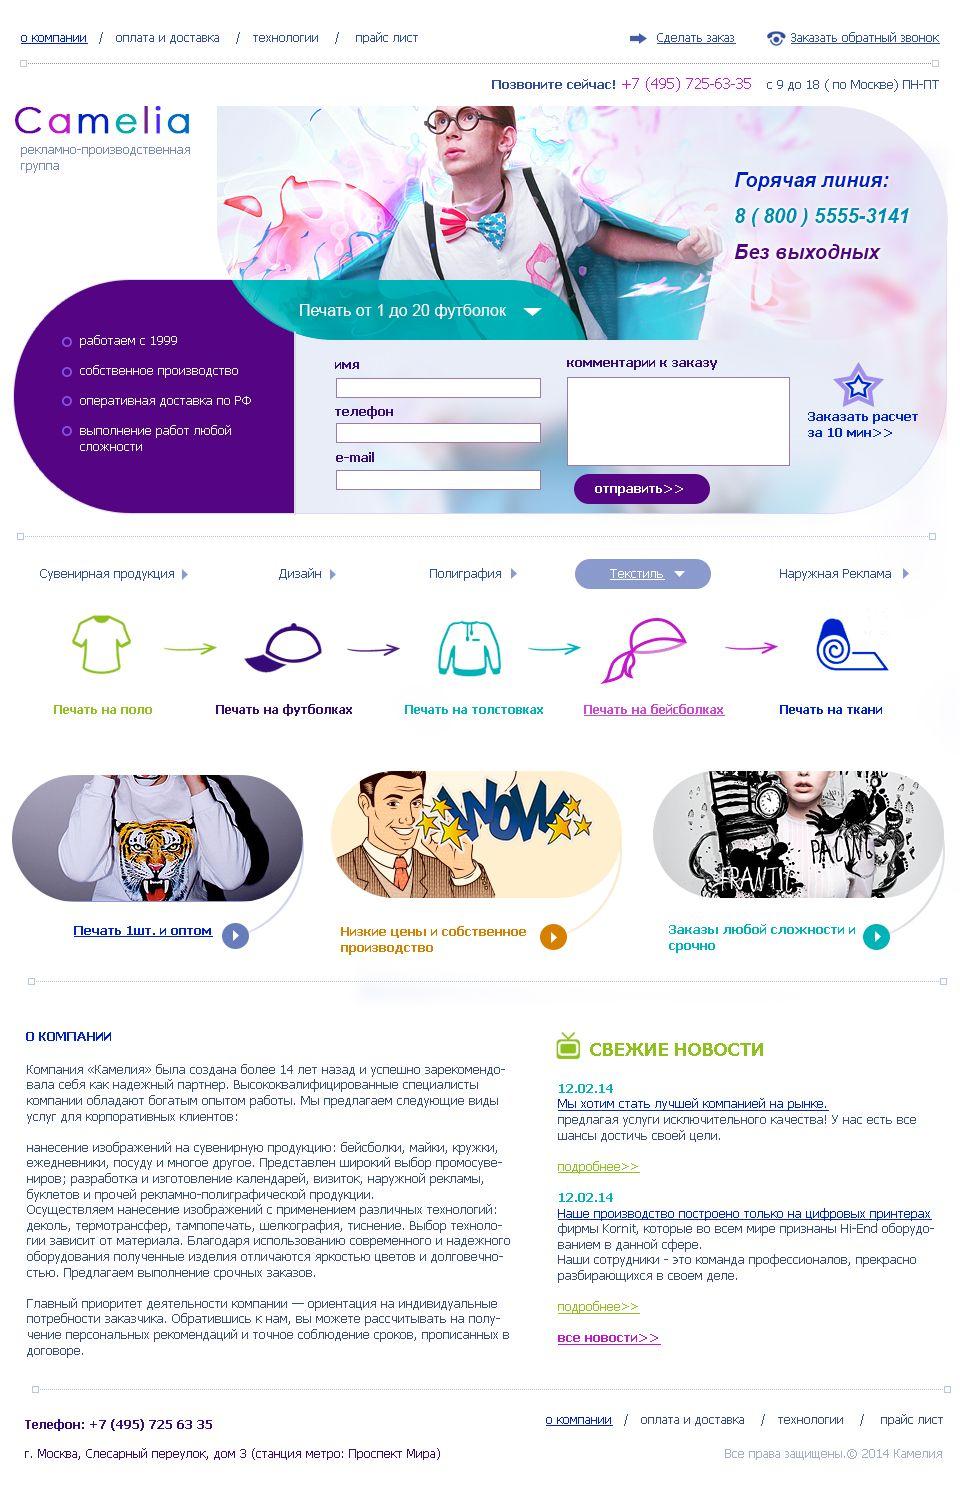 Дизайн главной страницы сайта - дизайнер SmartSolutions